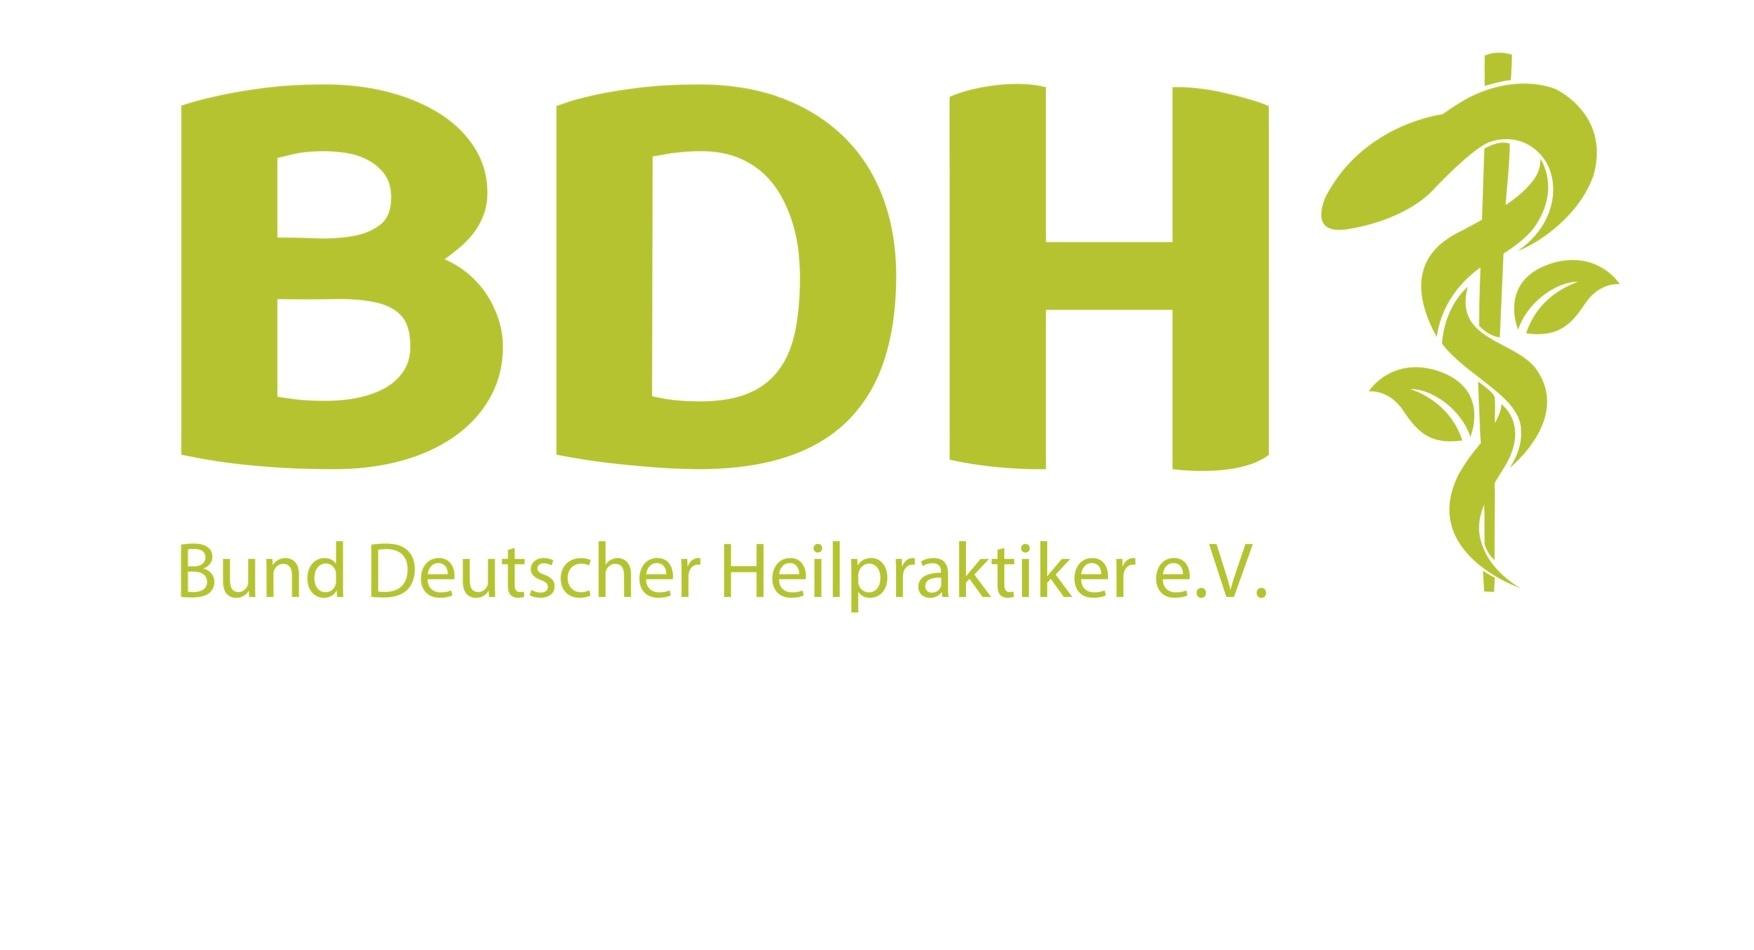 BDH Bund Deutscher Heilpraktiker